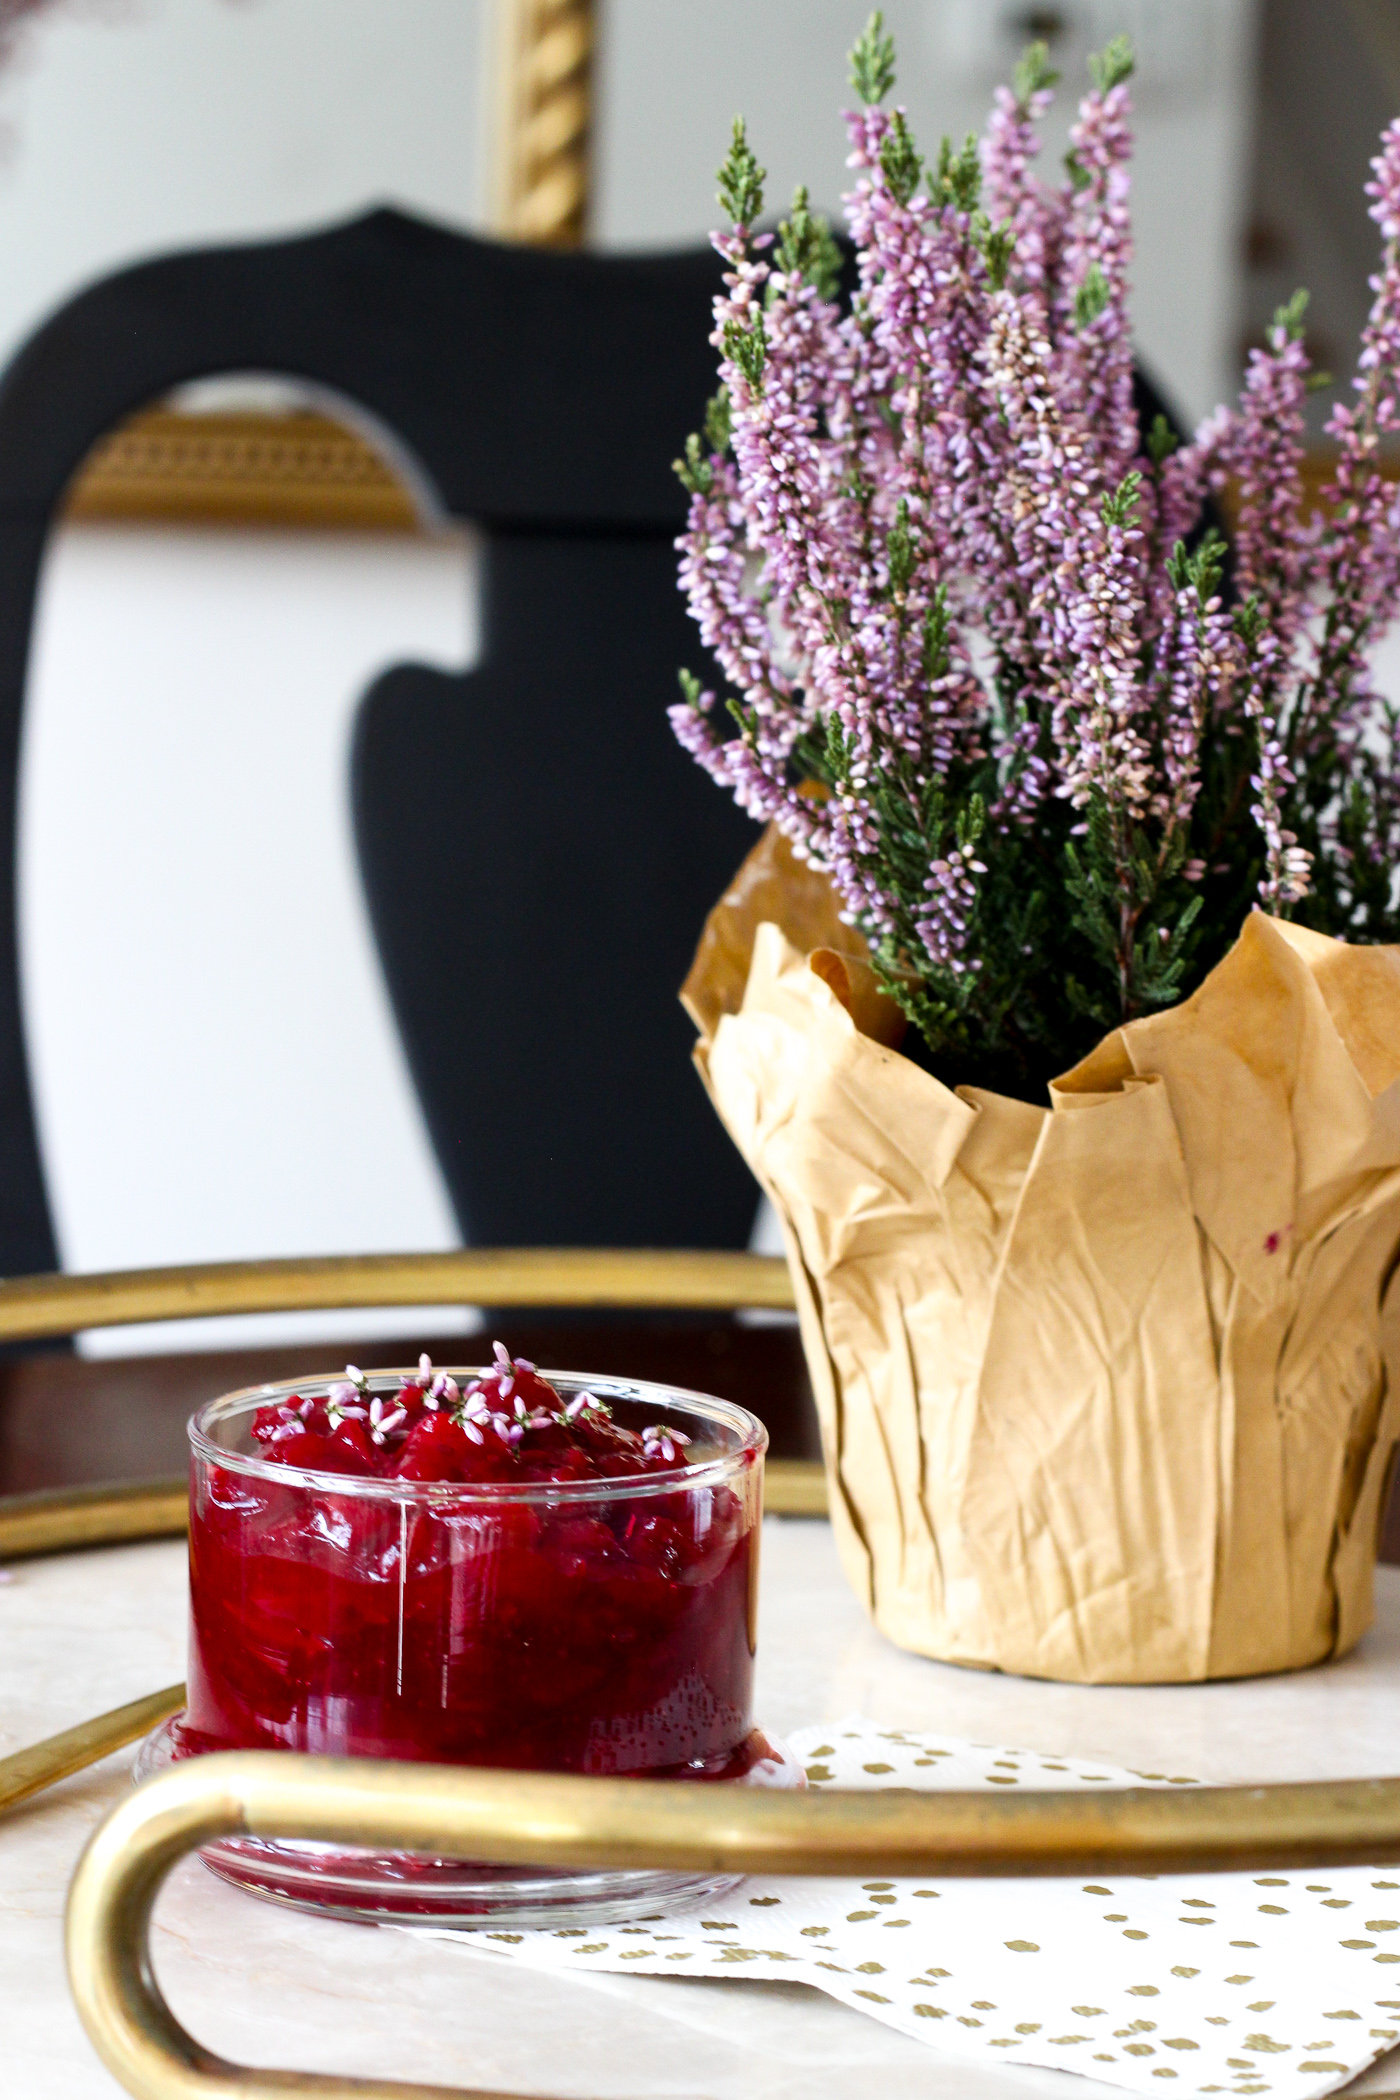 lavender-and-lemon-cranberry-sauce-7